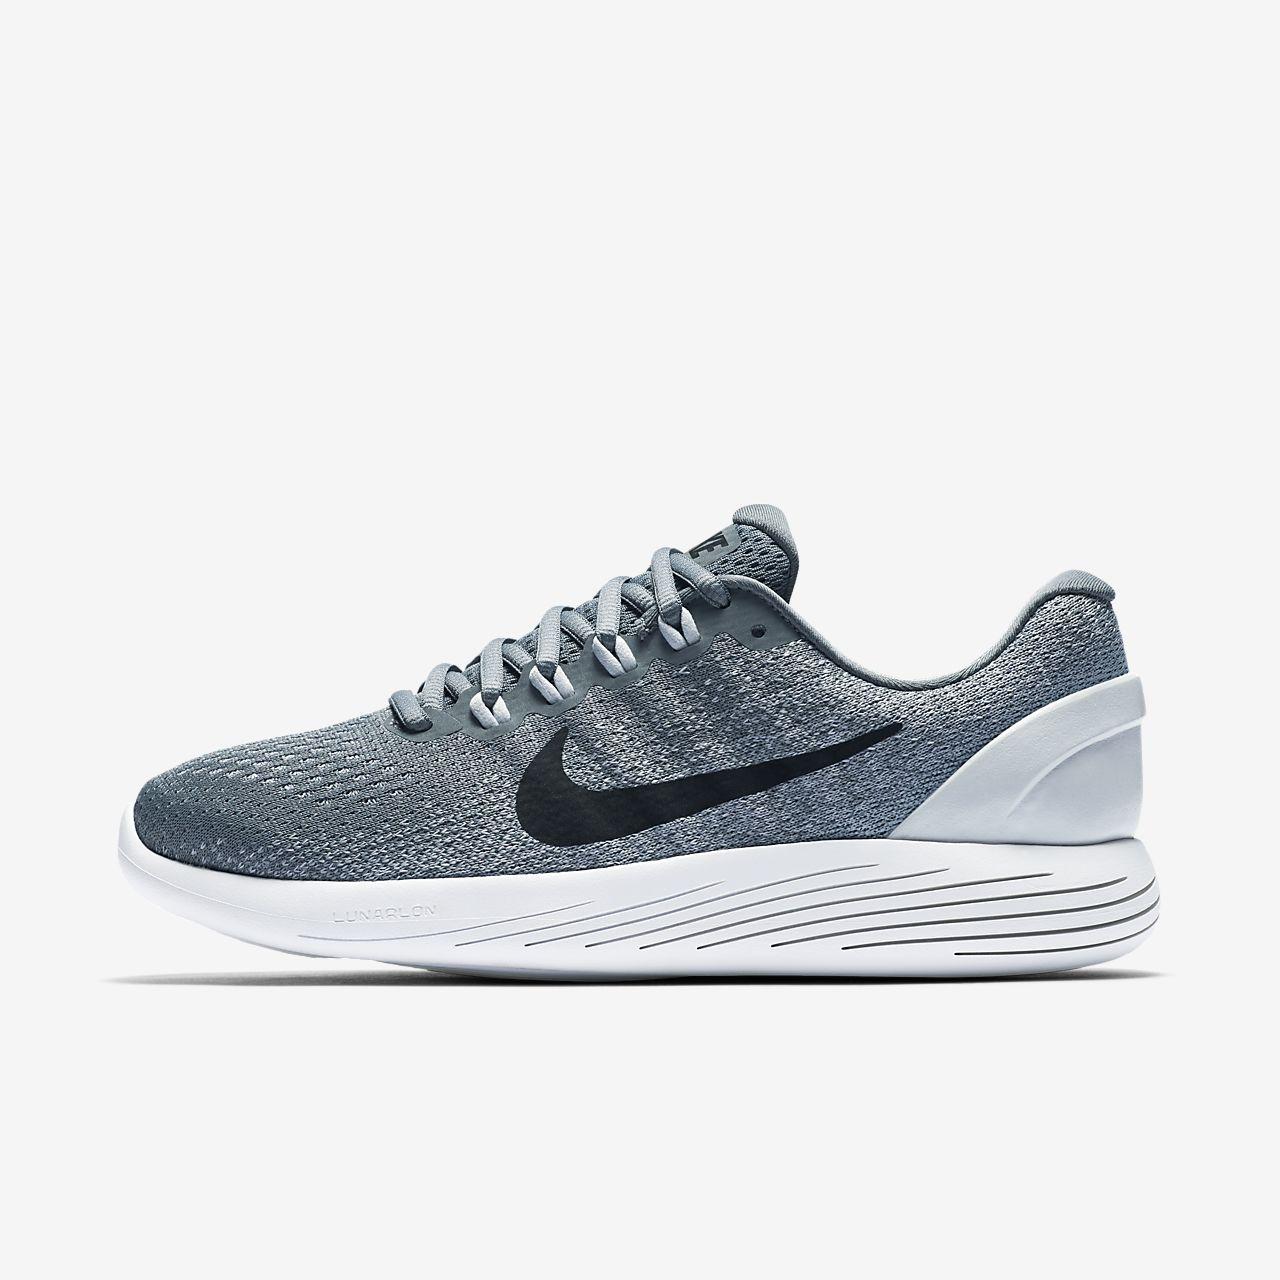 meet 1882f 5689d ... Calzado de running para mujer Nike LunarGlide 9